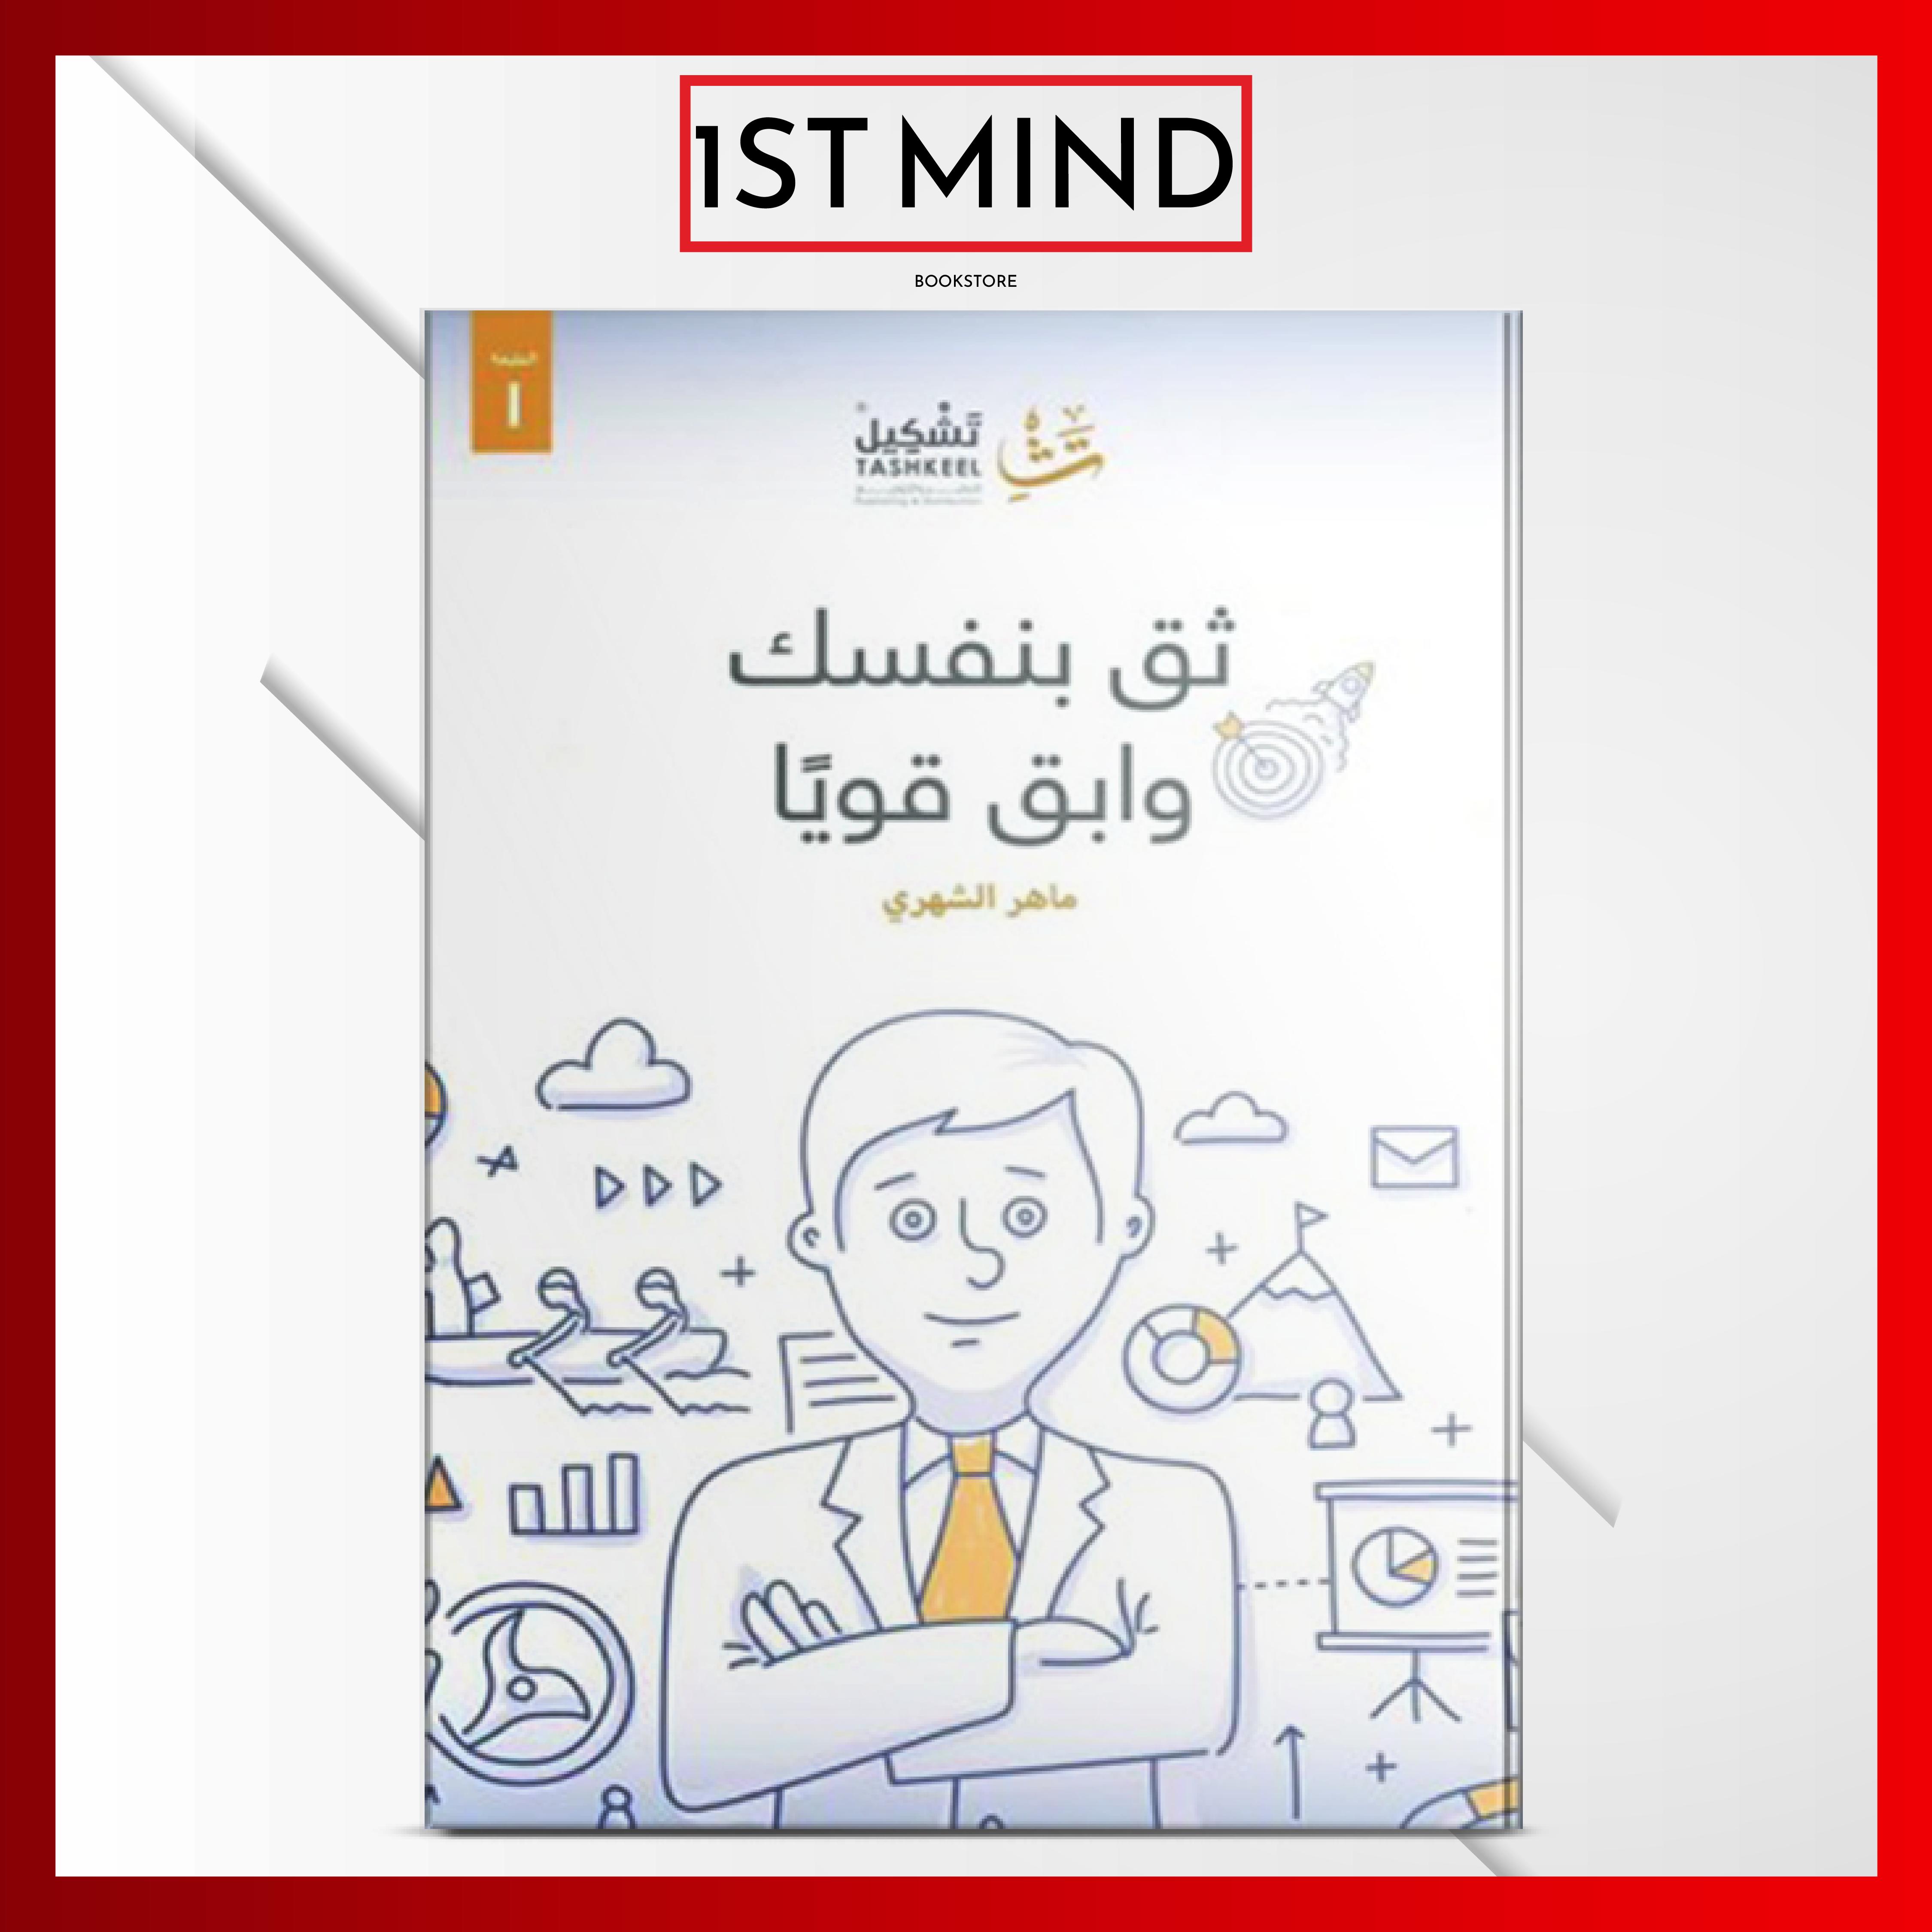 ثق بنفسك وابق قويا Bookstore Save Mindfulness